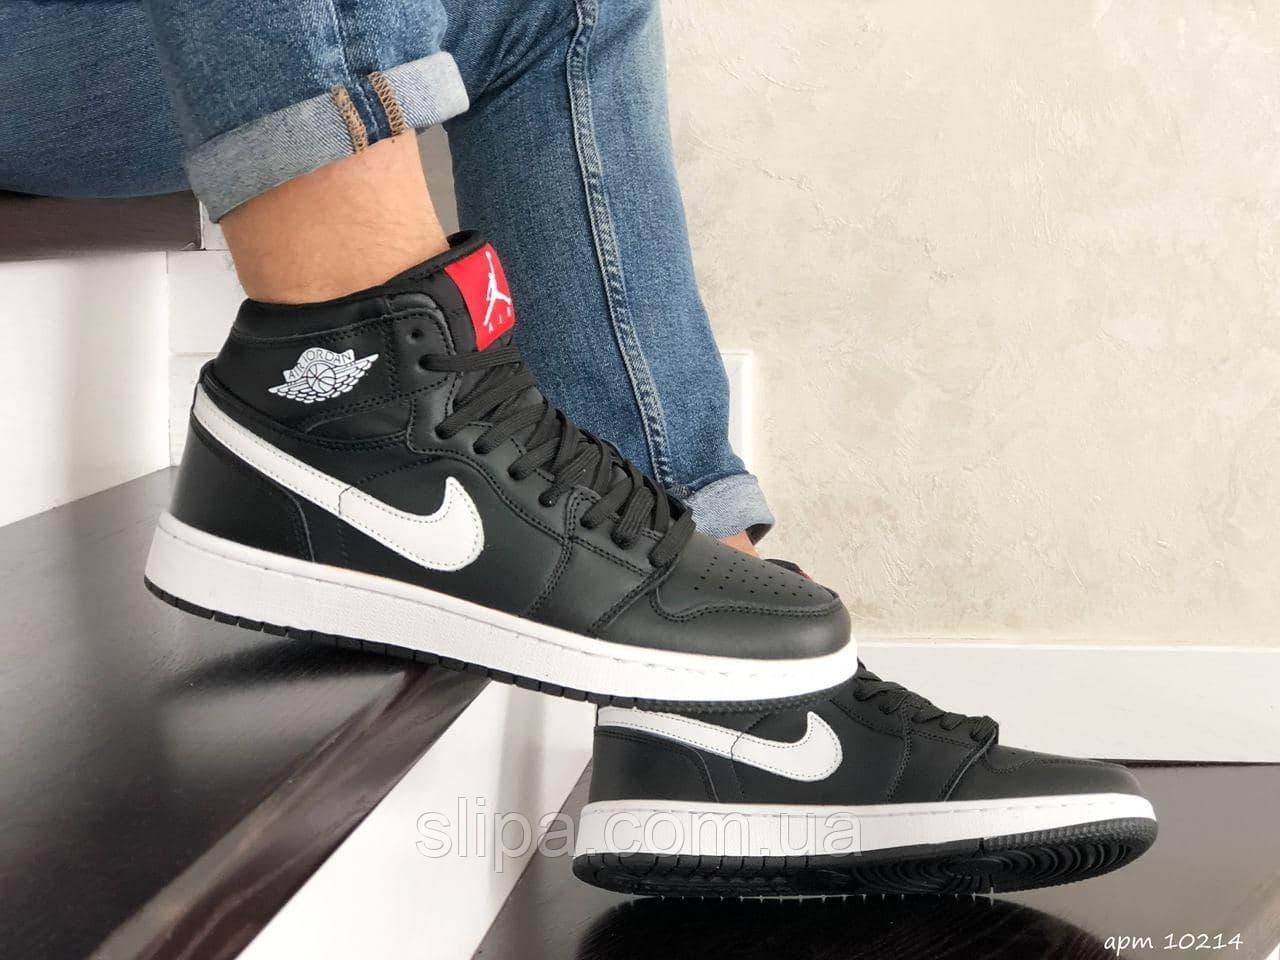 Мужские кожаные кроссовки в стиле Nike Air Jordan чёрные на белой подошве